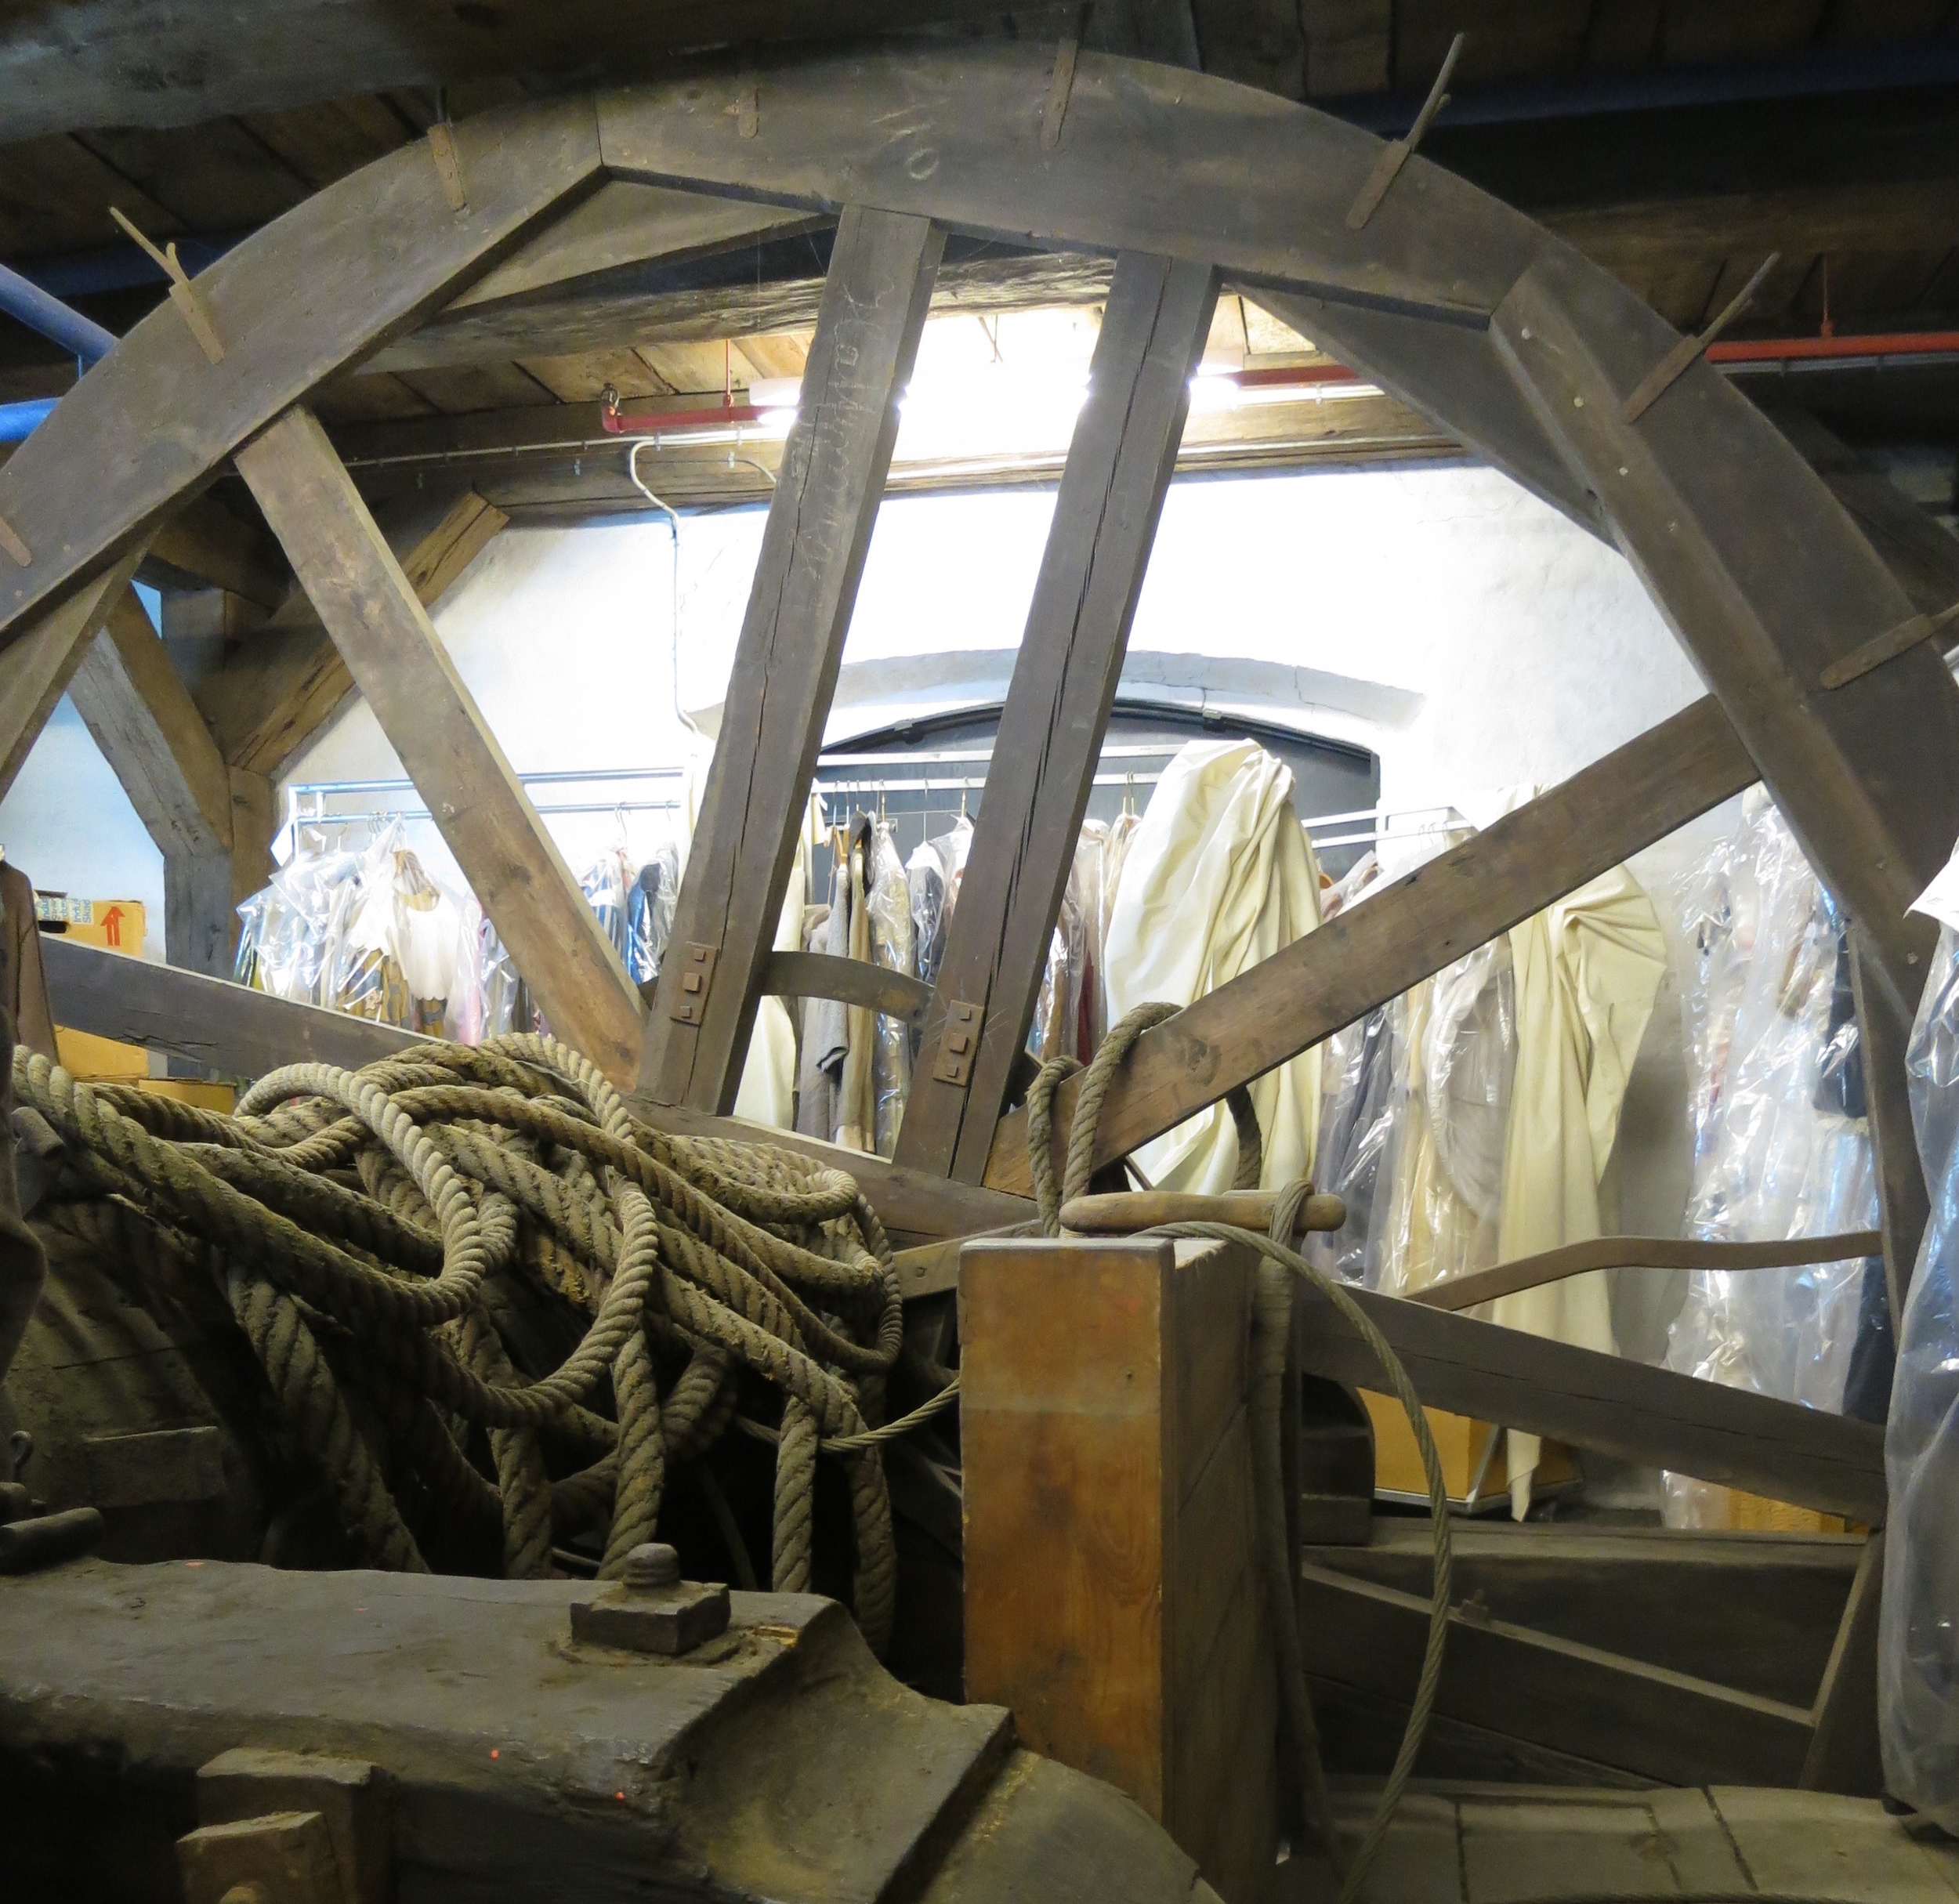 Det hejsesystem fra 1700-tallet. Ifølge museumsinspektør Henrik Holm er der grund til at formode, at det har været trukket af slaver. (Se håndtagenes design nedenfor). Foto: Ulla Lunn